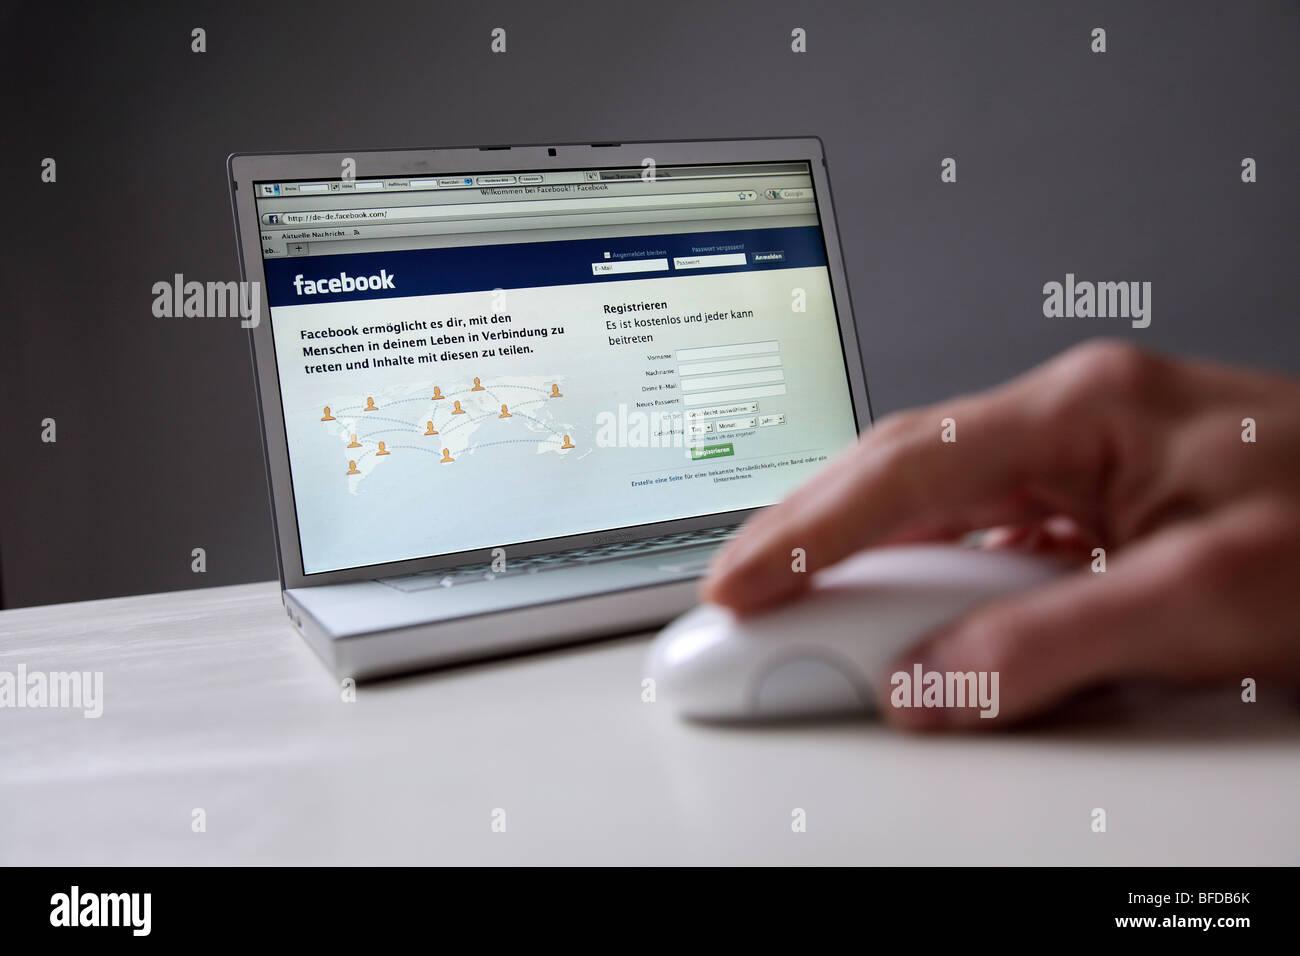 Facebook bekanntschaft